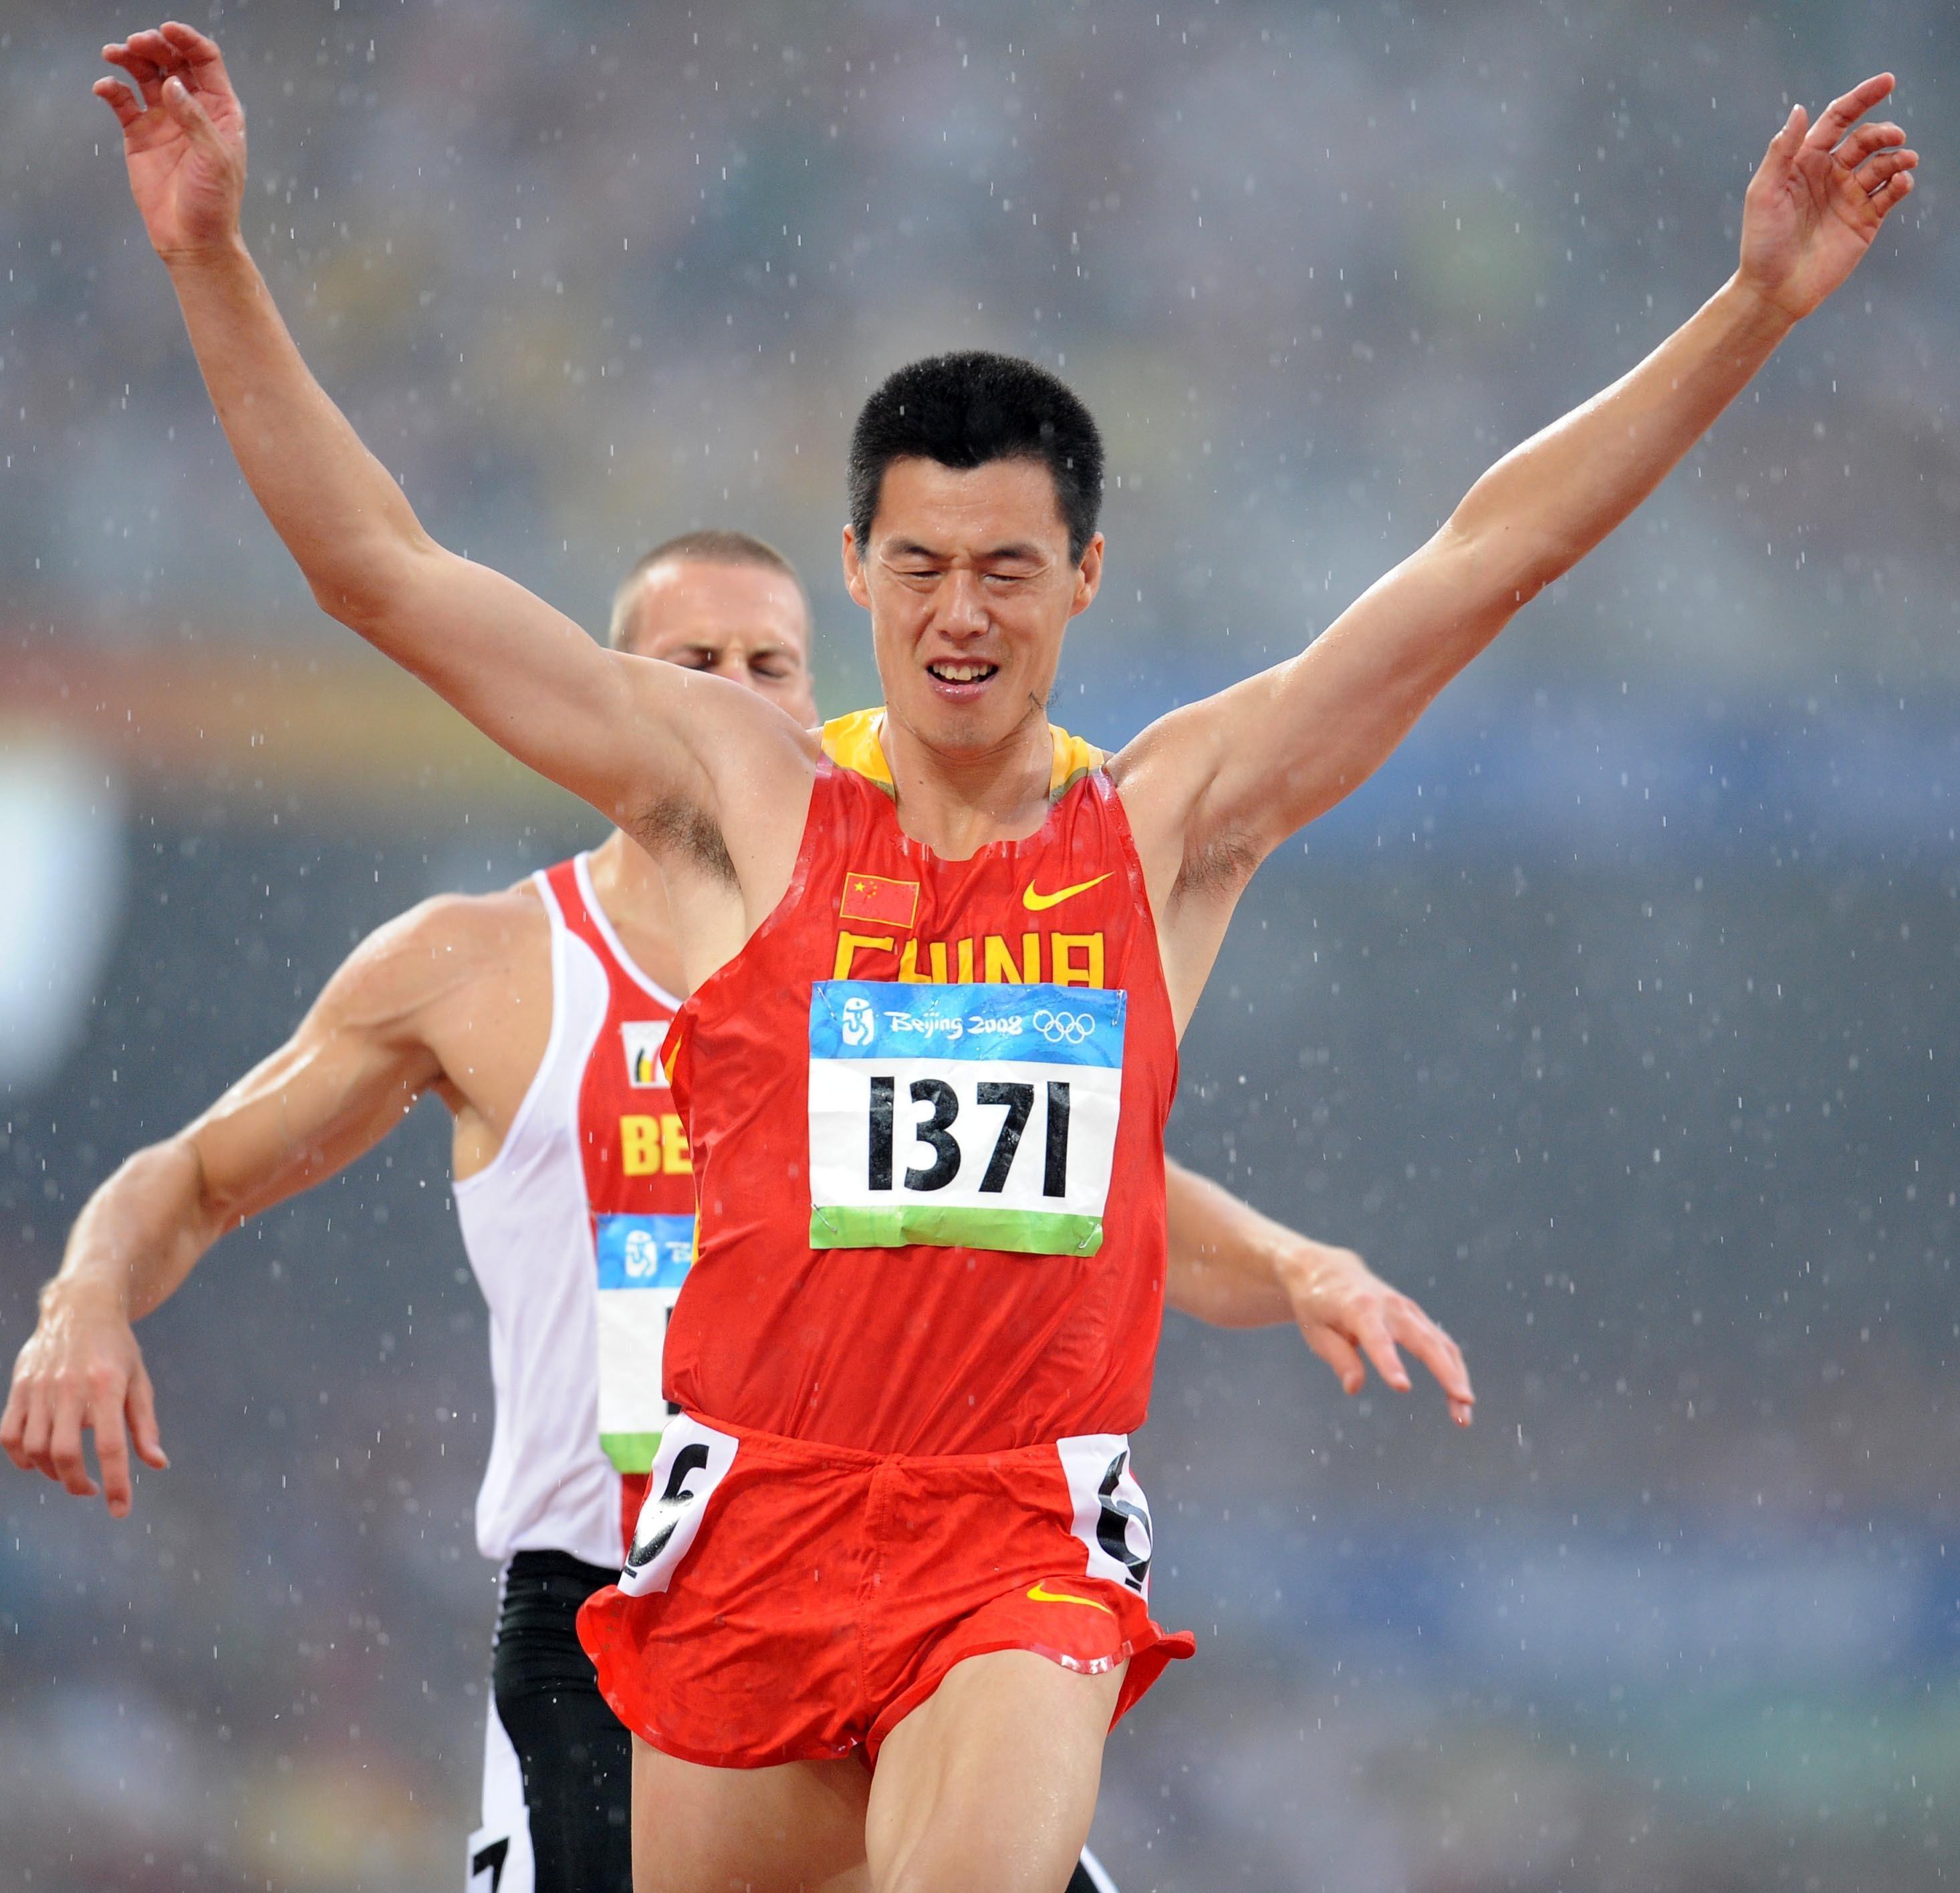 田径运动员图片素材(23P)[中国PhotoShop资源